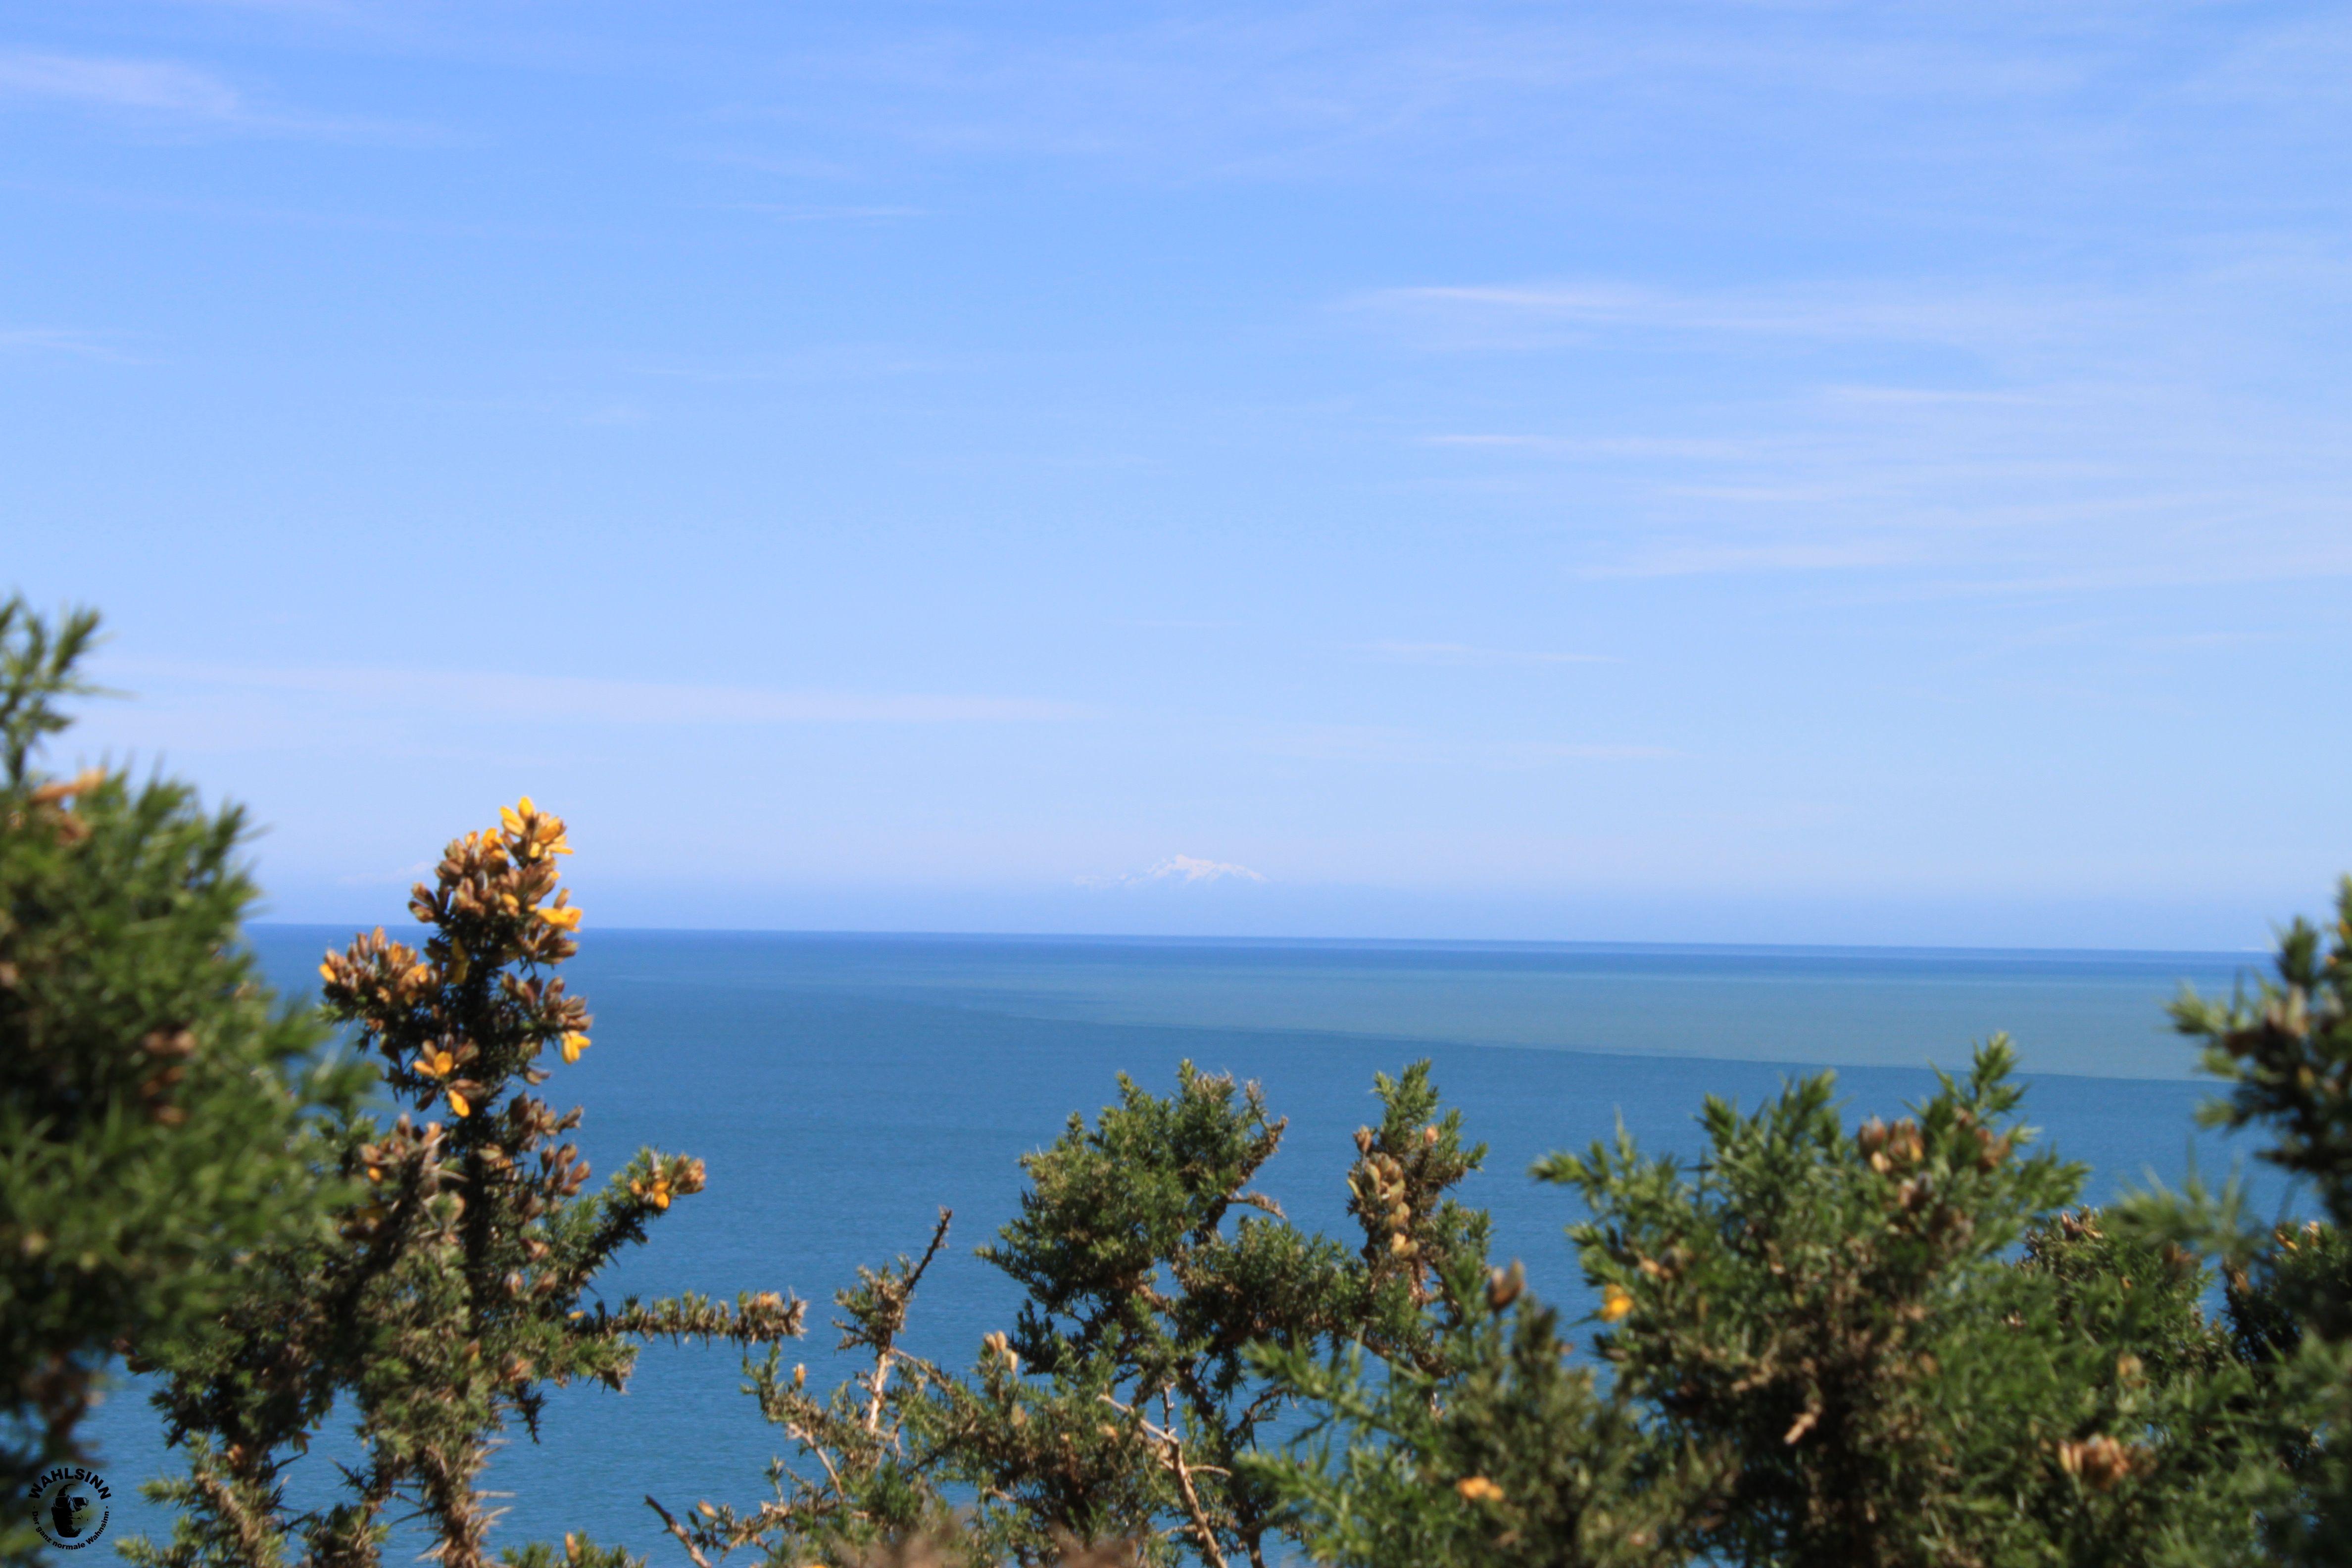 Der Busch verspeert die schöne Aussicht (Neuseeland)